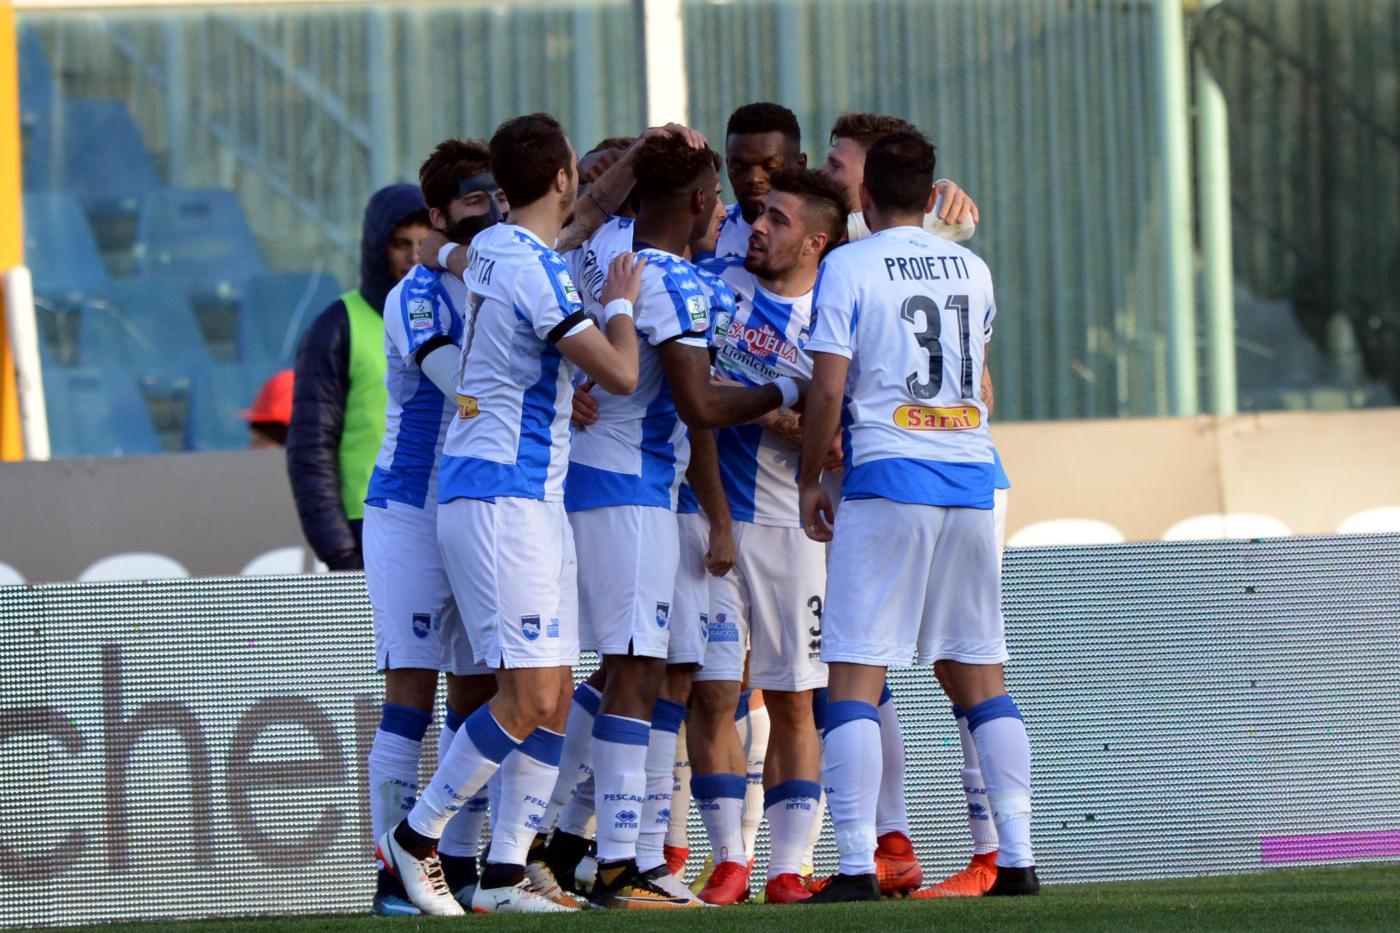 Venezia-Pescara venerdì 18 maggio, analisi e pronostico serie B ultima giornata